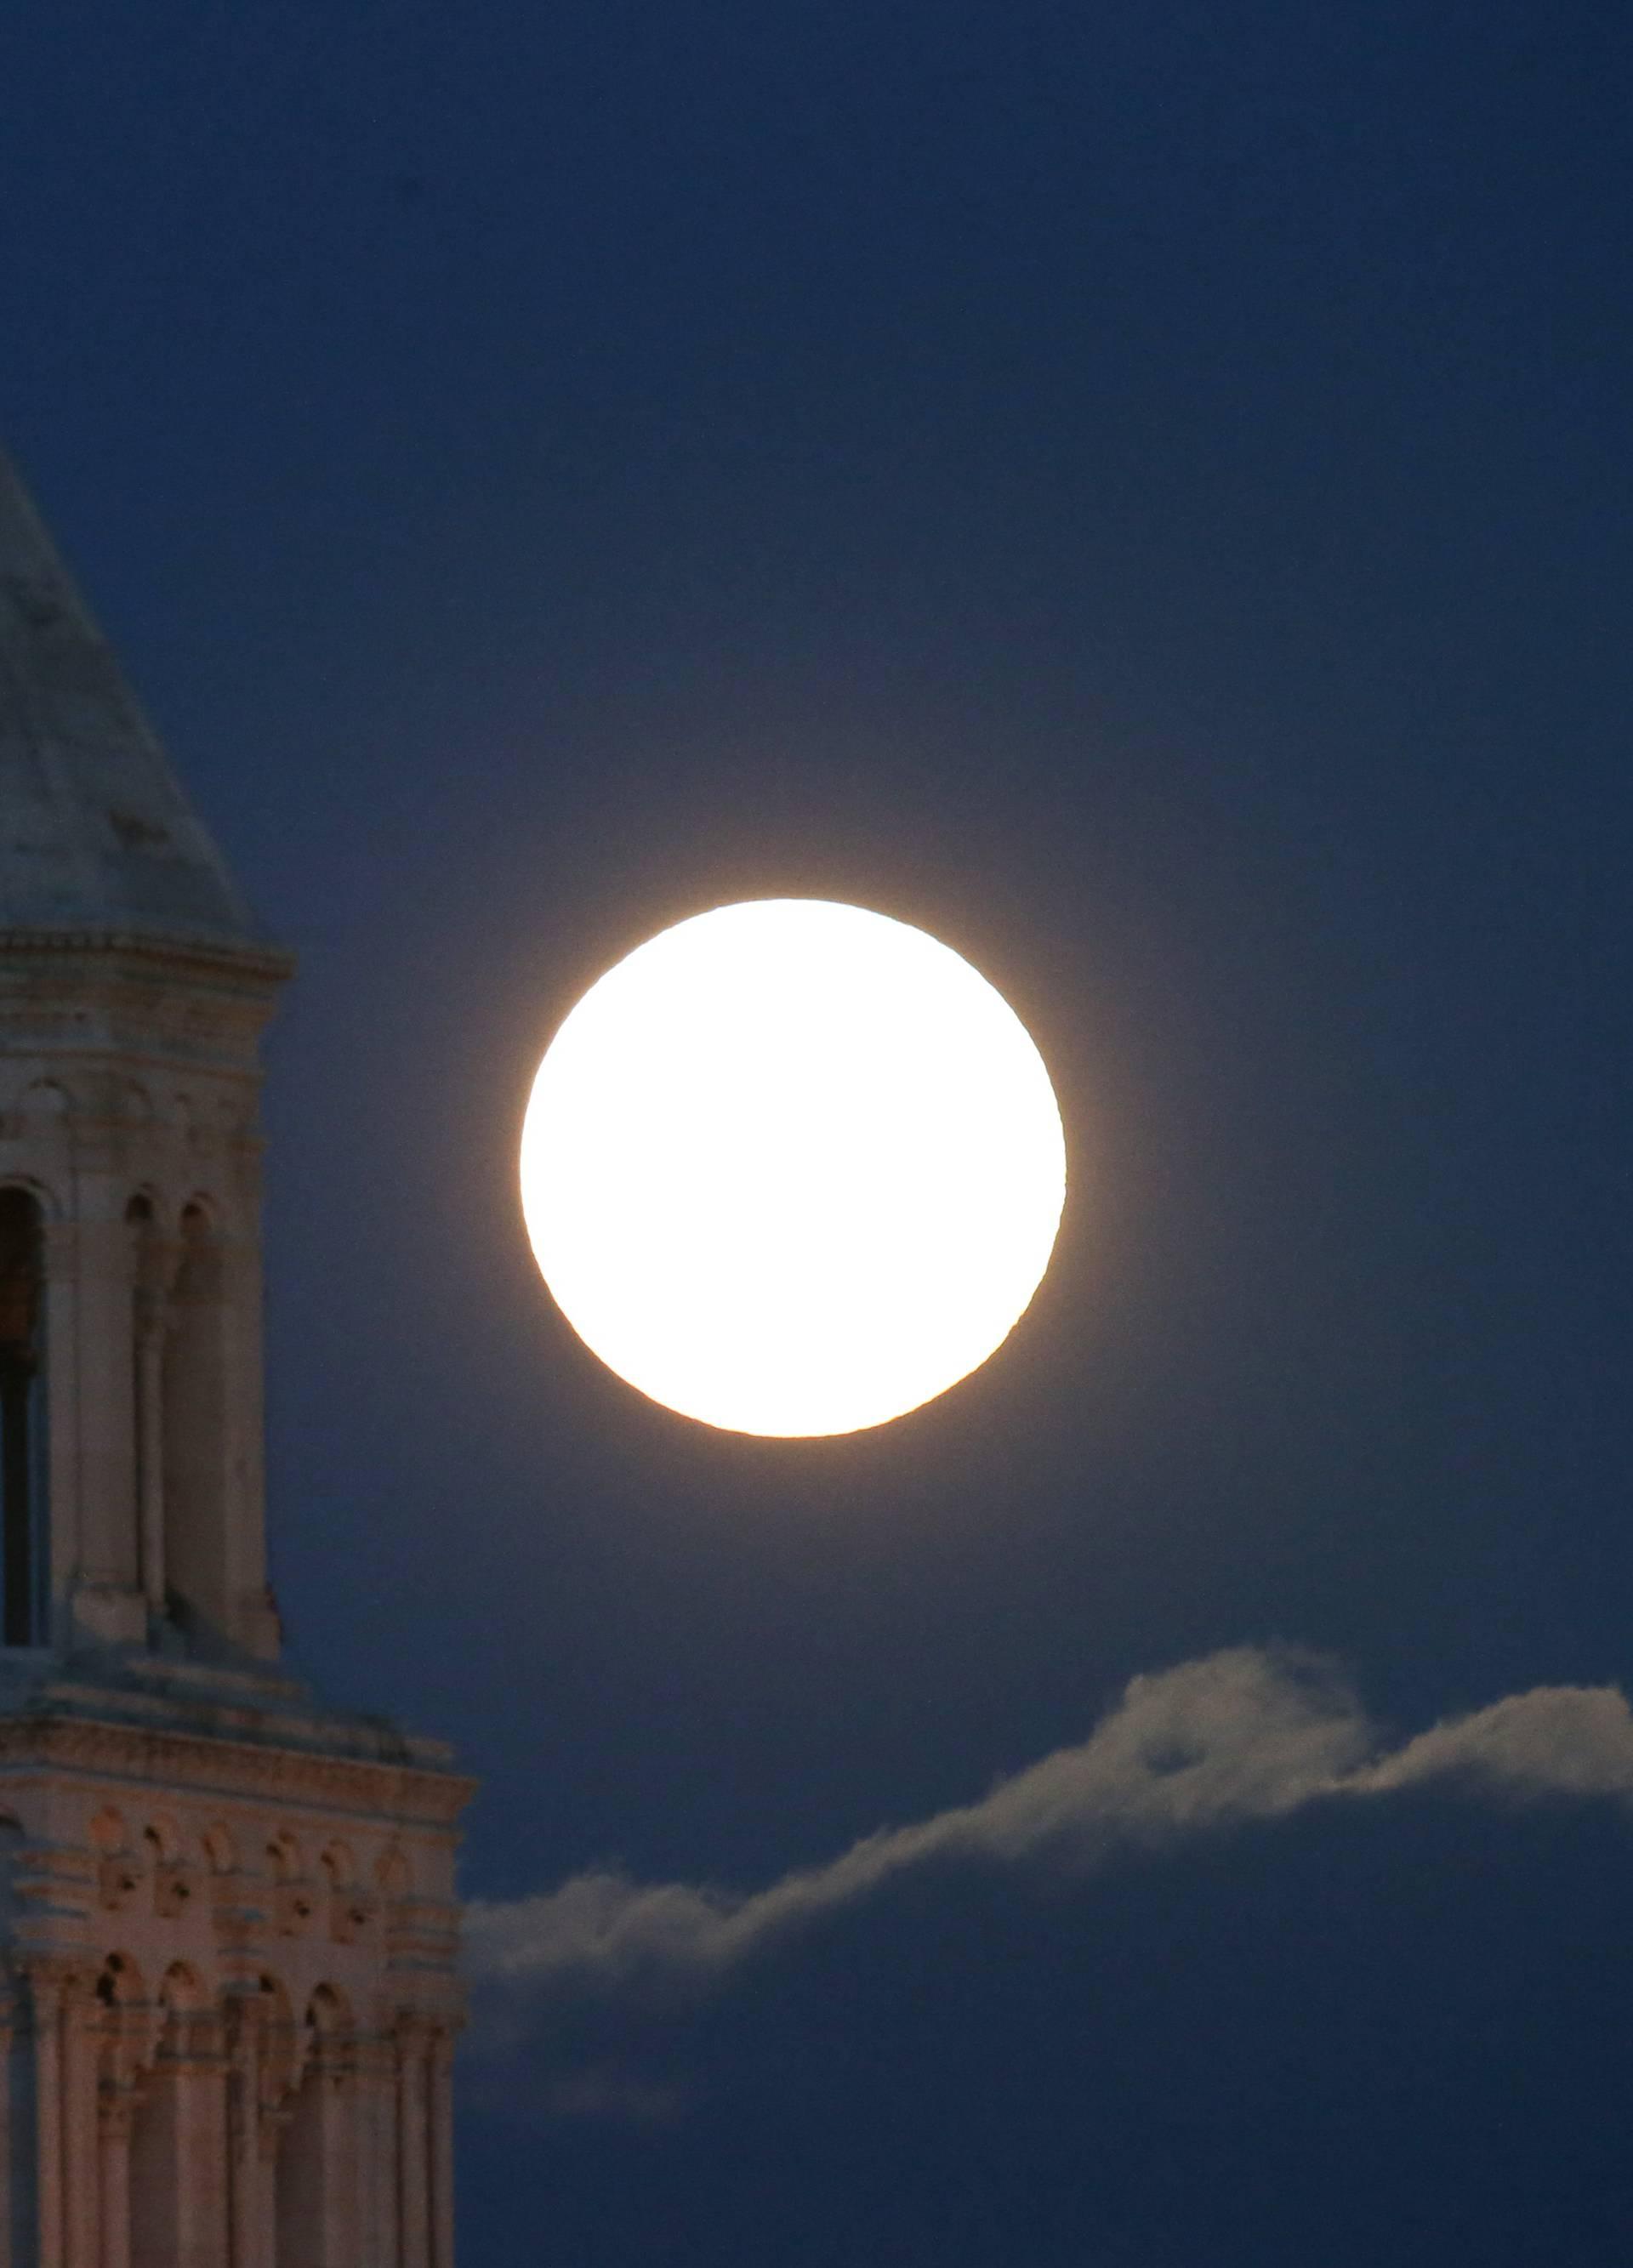 Pun mjesec iznad zvonika katedrale Sv. Dujma u Splitu